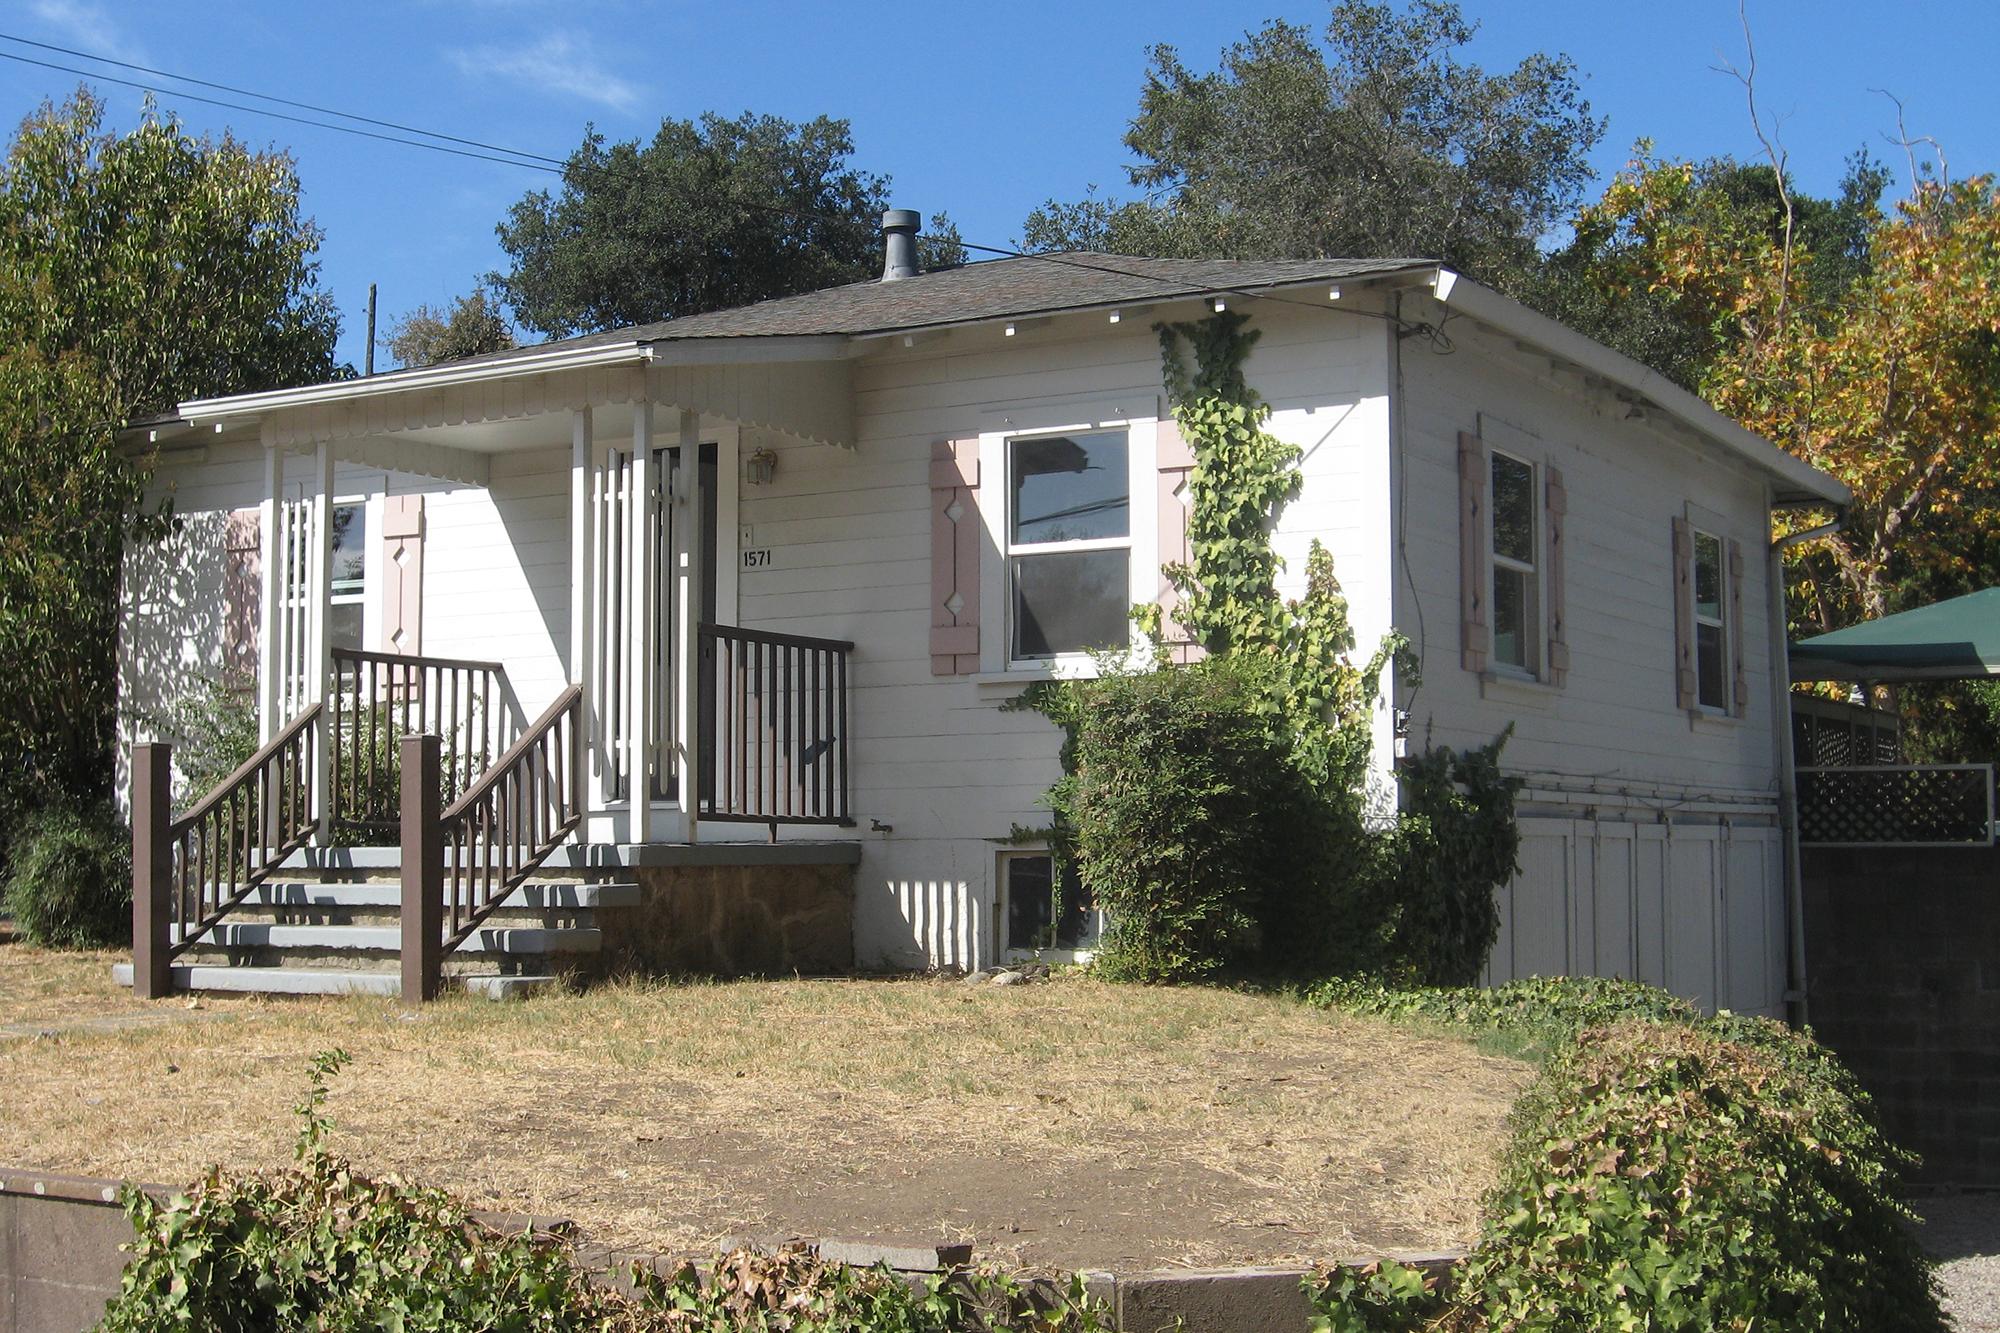 Casa para uma família para Venda às 1571 Silverado Trl, Napa, CA 94559 1571 Silverado Trl Napa, Califórnia 94559 Estados Unidos